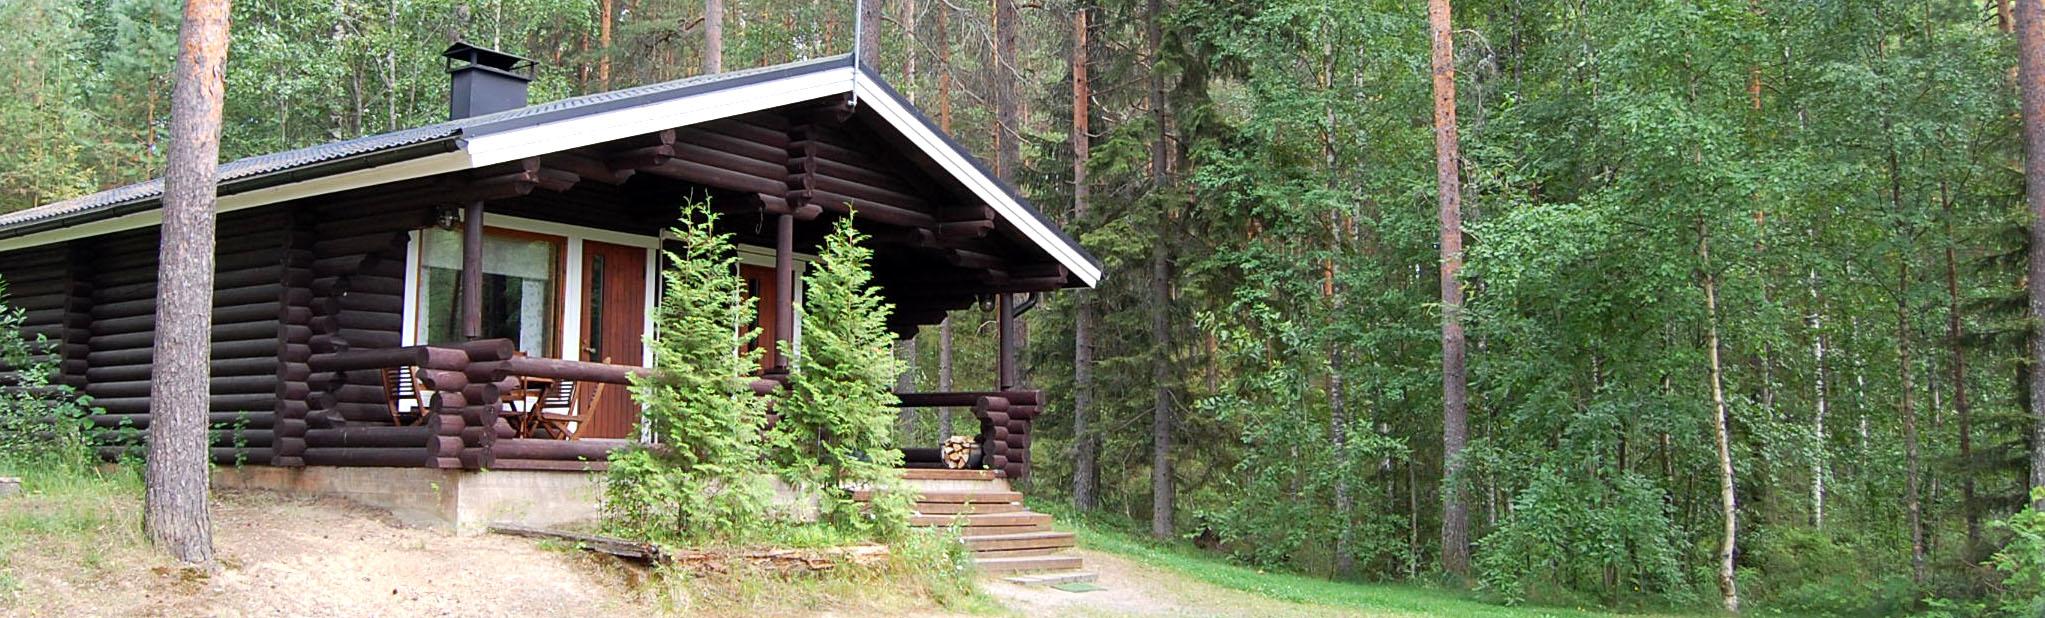 Könnölän Matkailutila Lomamökki Pikkukilpilampi Hämeenlinna Iittala